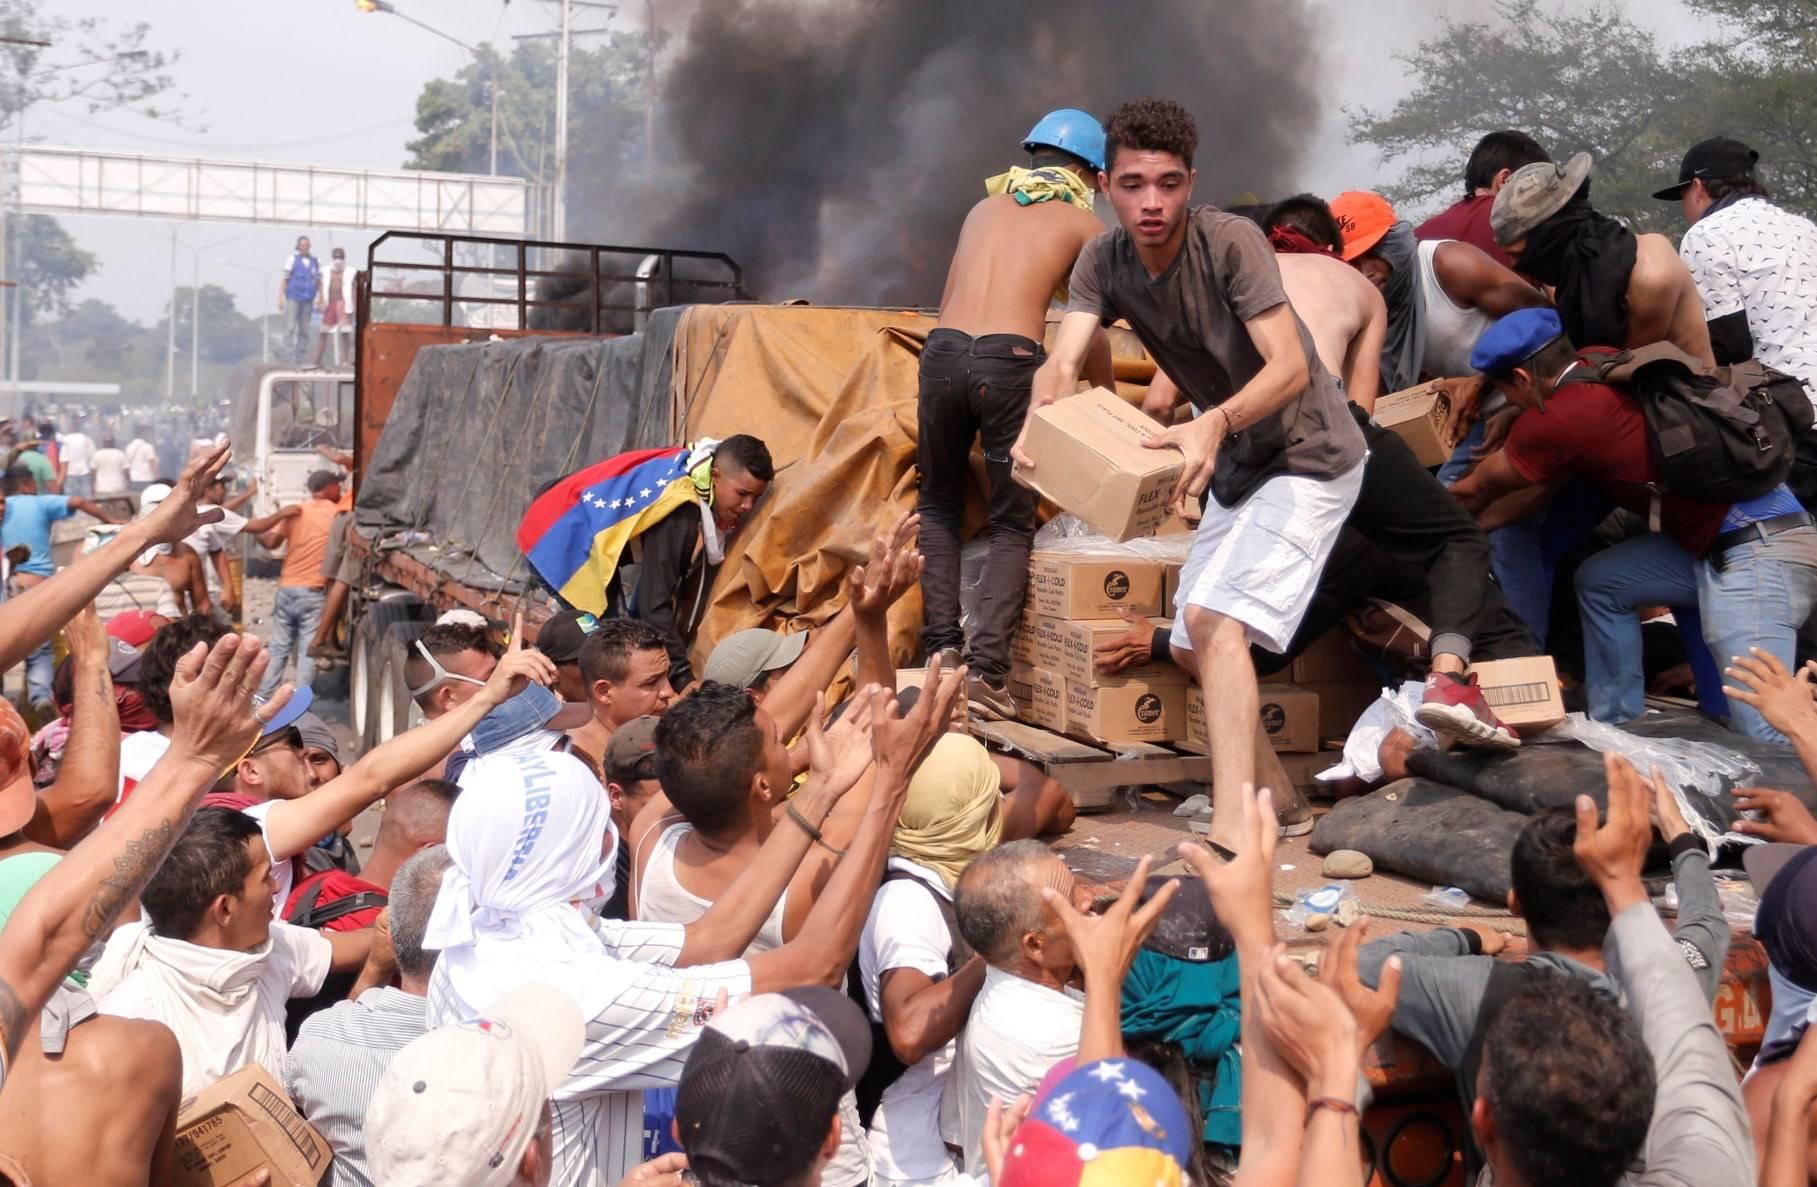 Люди намагаються врятувати частину гуманітарної допомоги з вантажівки, яка загорілась неподалік мосту Симона Болівара, що з'єднує Кукуту із містом Сан-Антоніо у венесуельському штаті Тачира, Венесуела, 23 лютого 2019 року